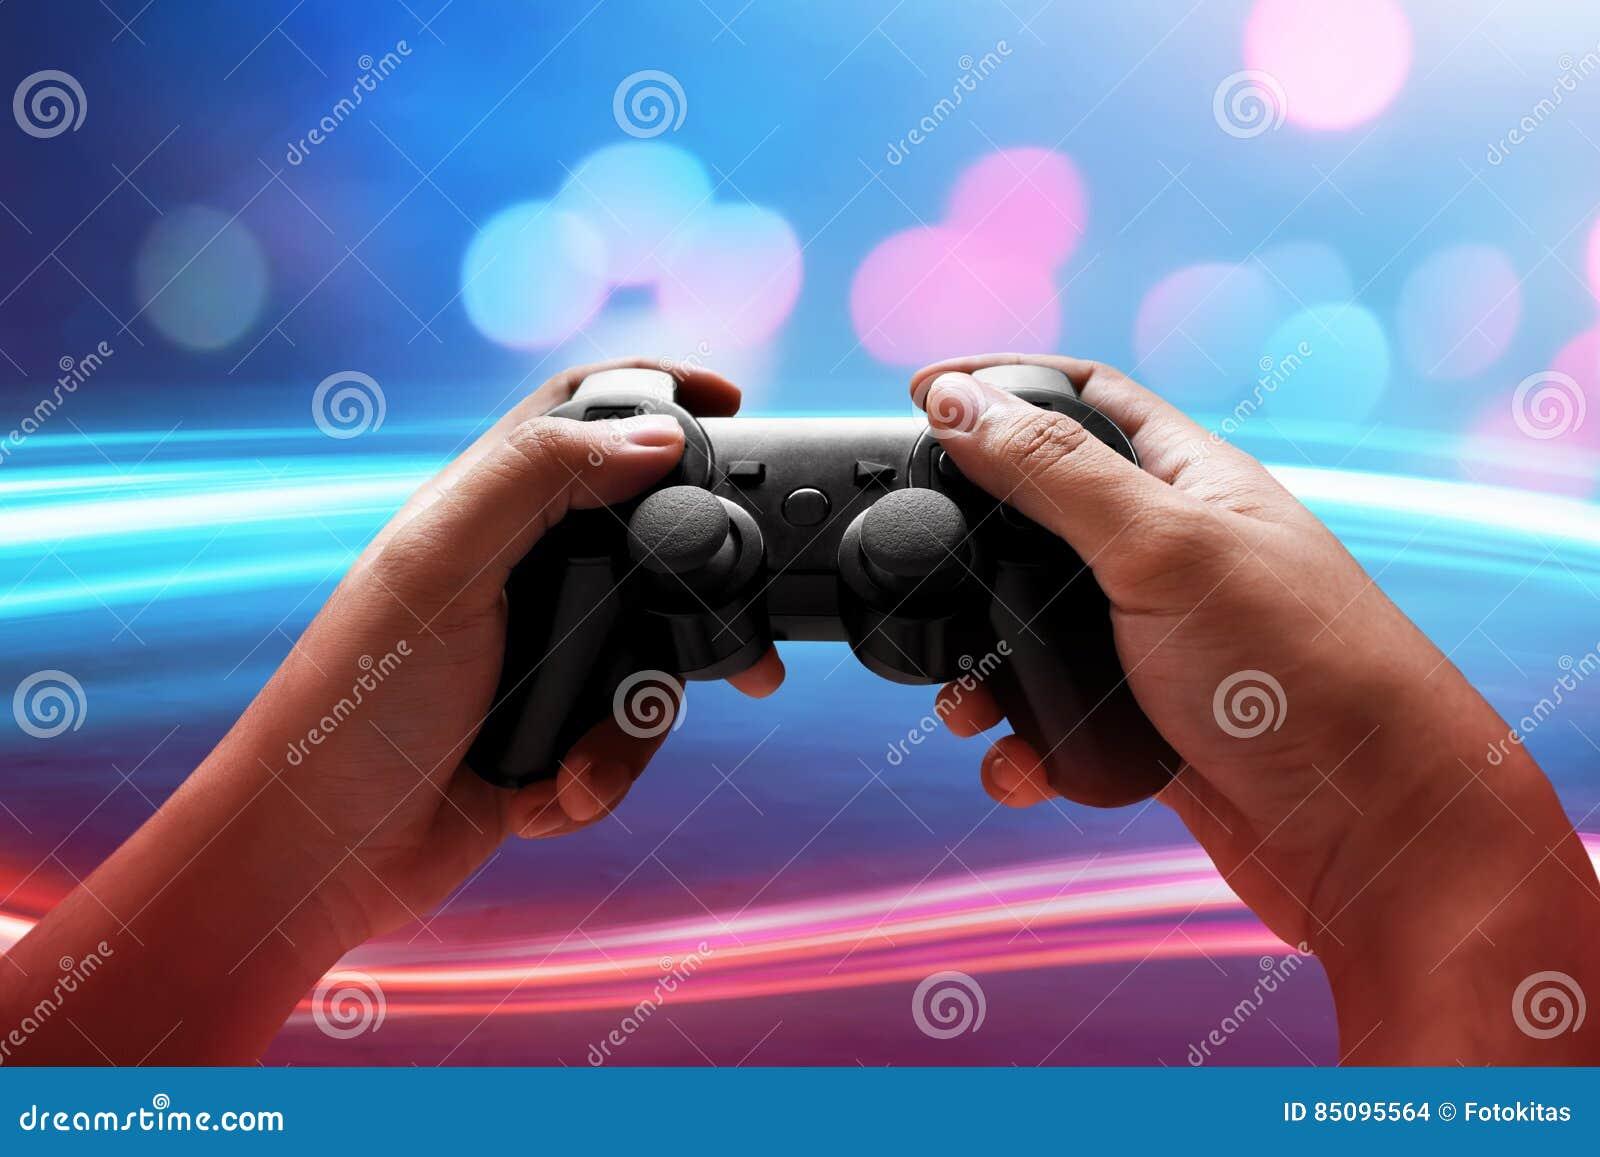 Videospiele Gratis Spielen